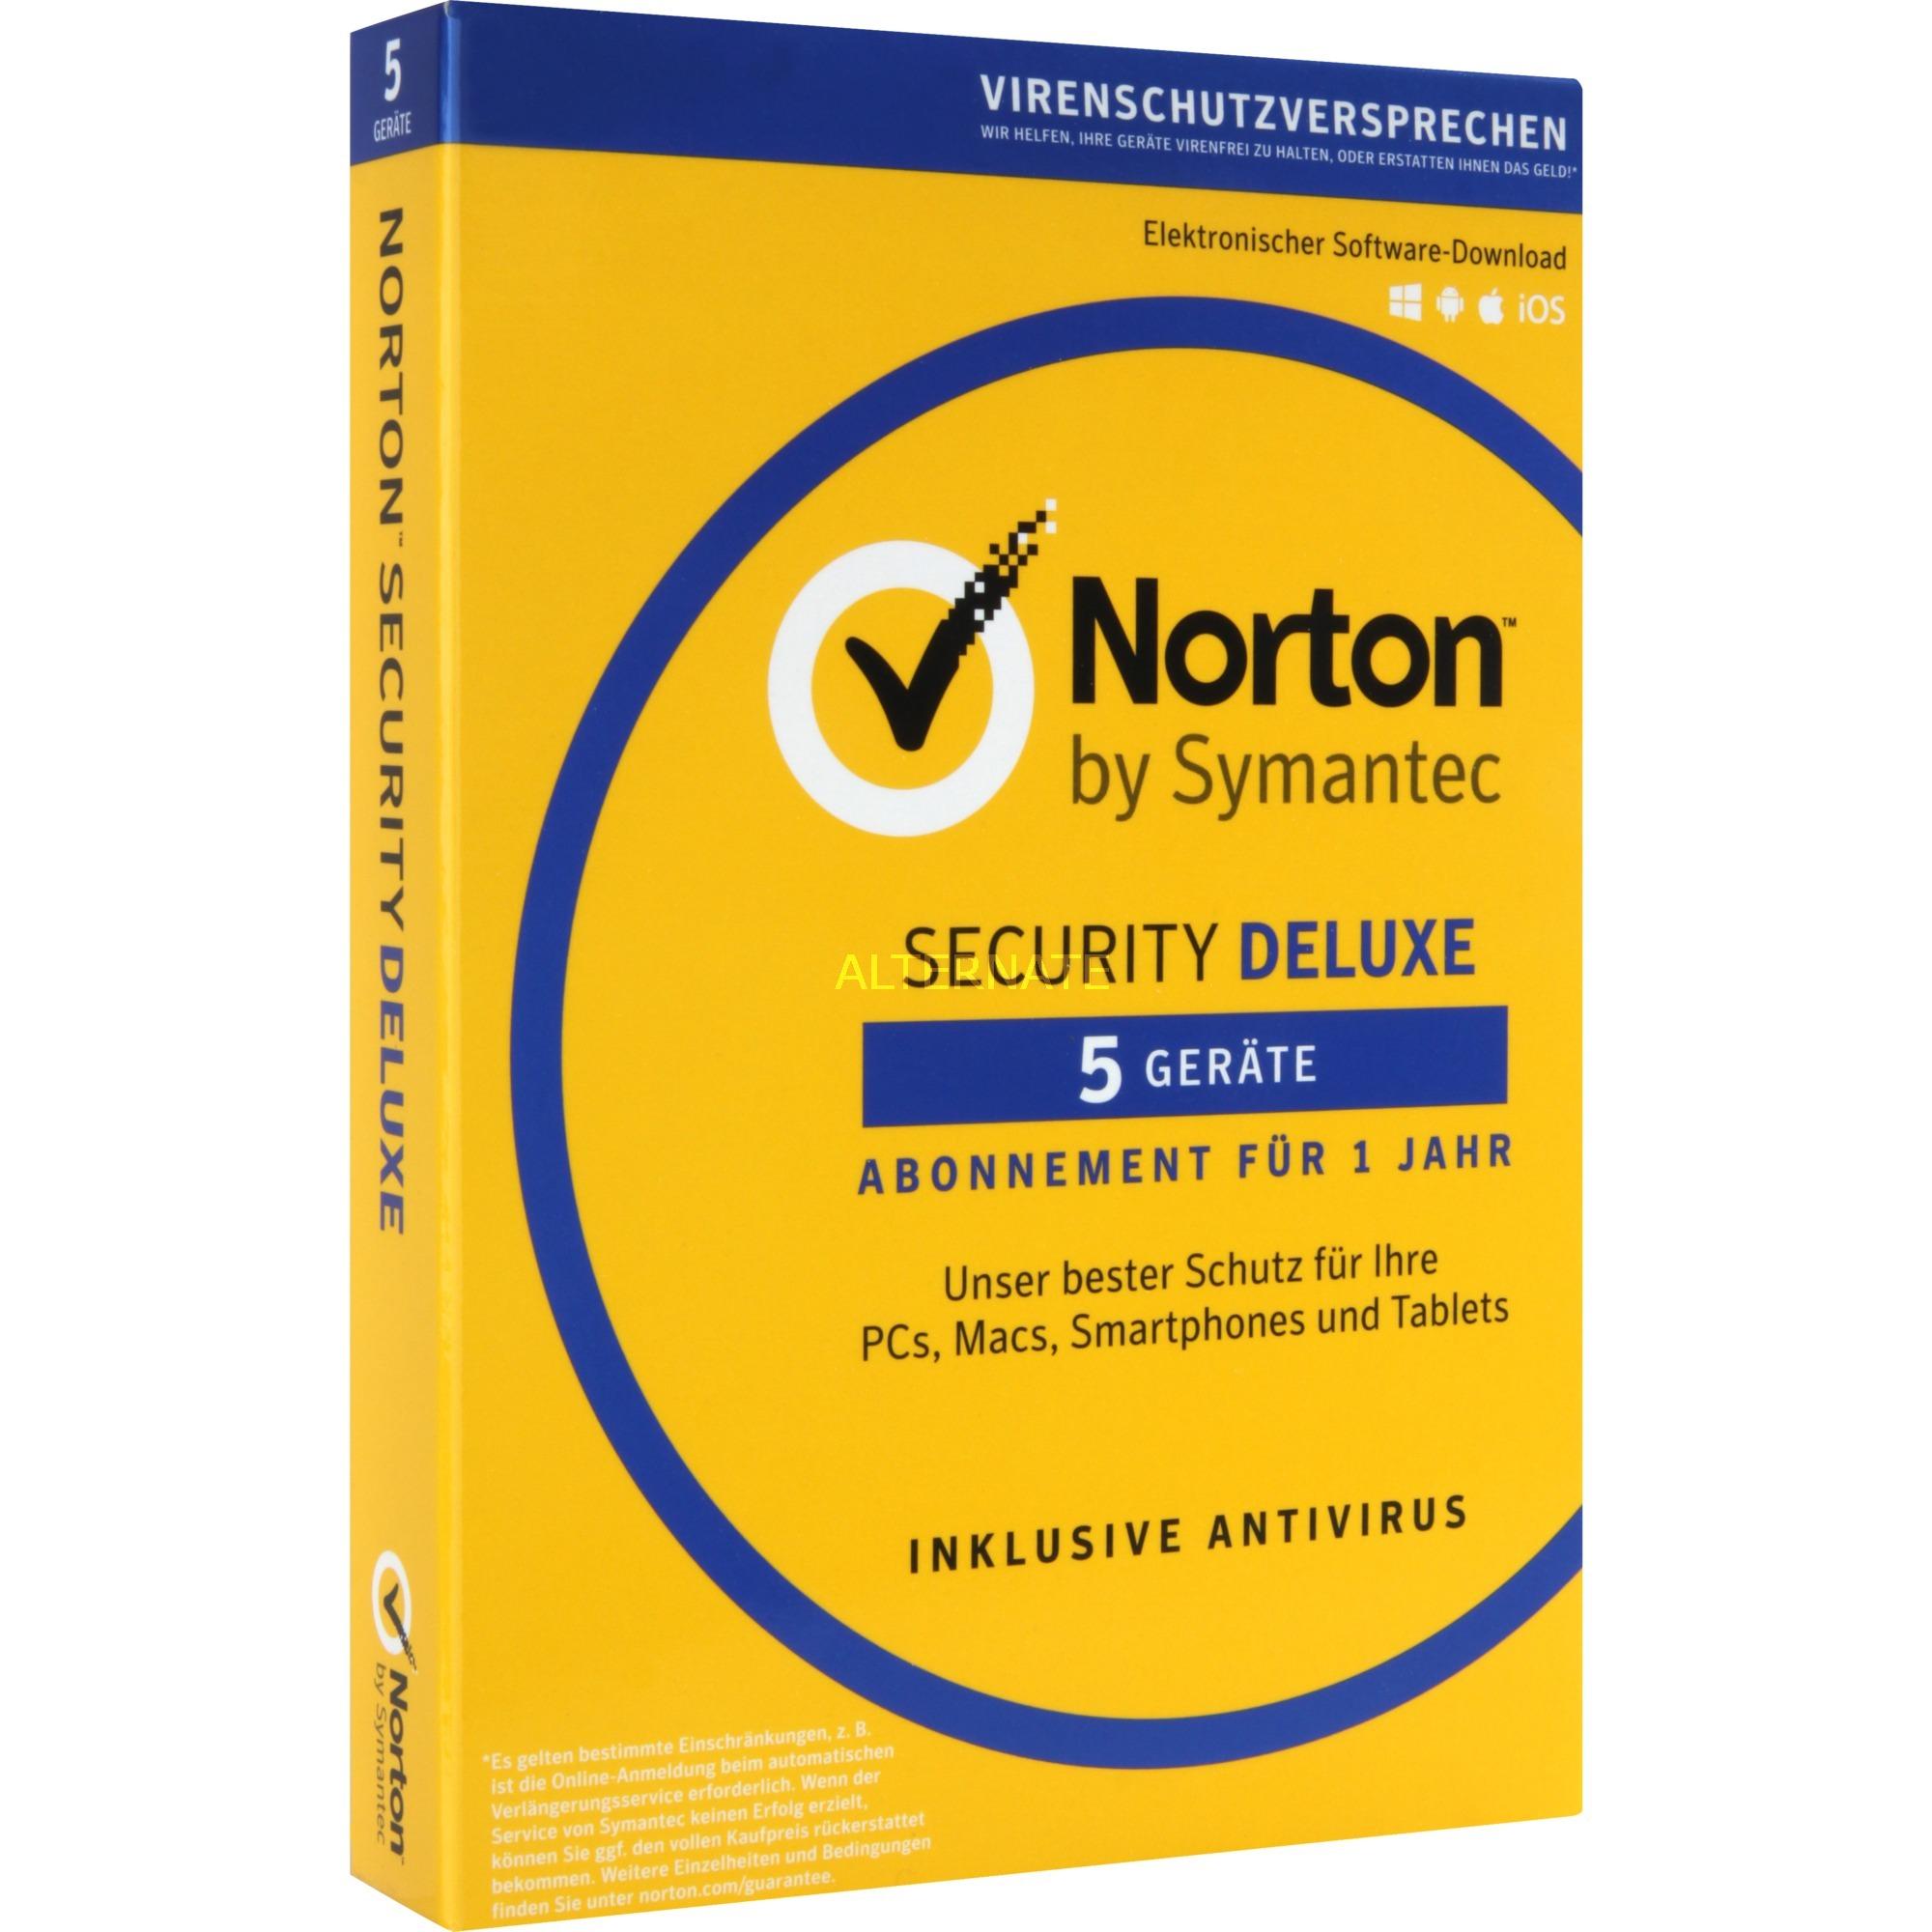 Norton Security Deluxe 3.0 Licencia completa 1 licencia(s) 1 año(s) Alemán, Software